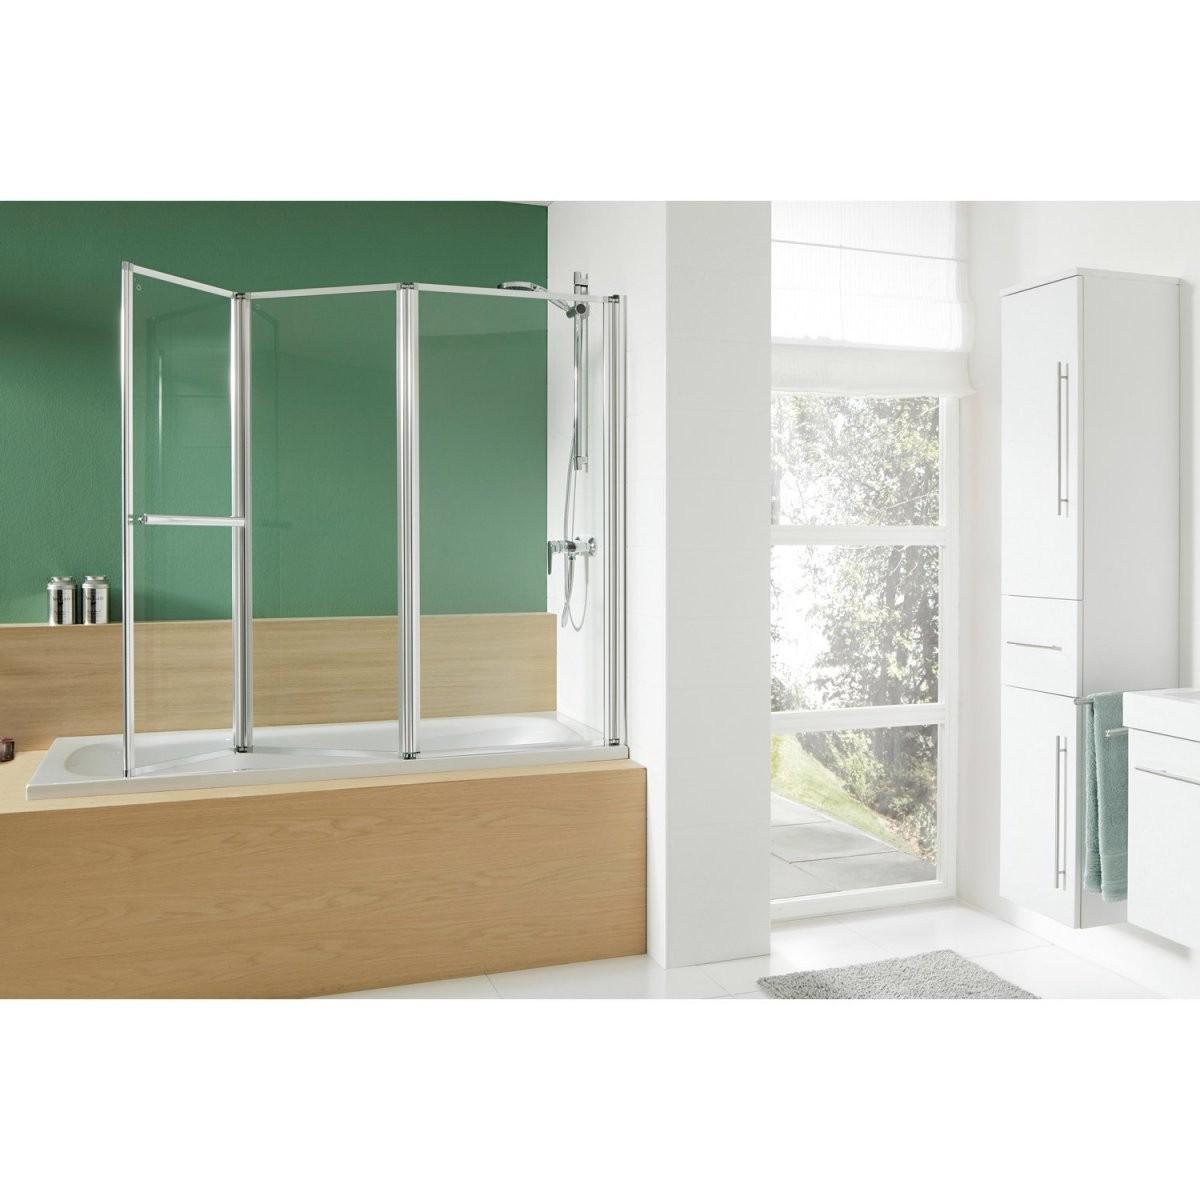 Obi Badewannenaufsatz Mit Handtuchhalter Mela Iii Echtglas 140 Cm X von Duschwand Für Badewanne Obi Bild